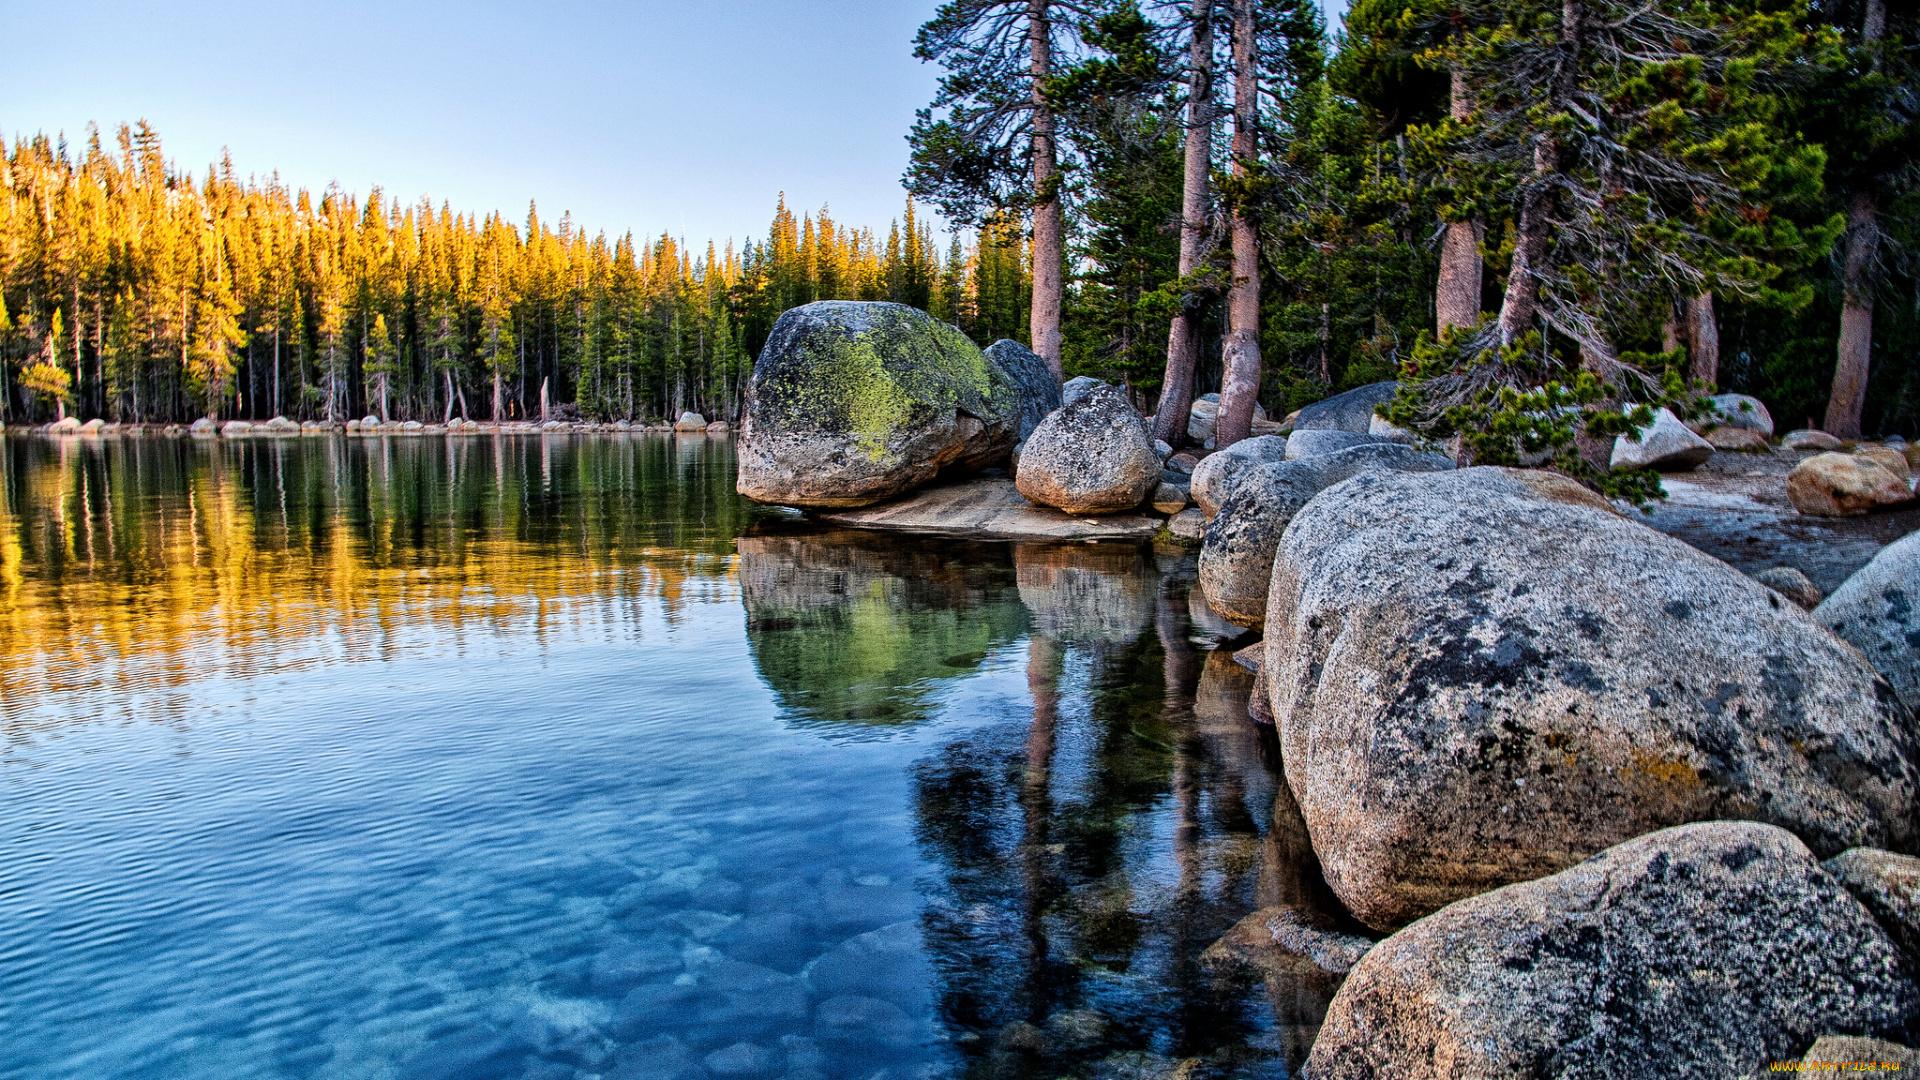 Озерцо вокруг камней  № 395382 бесплатно